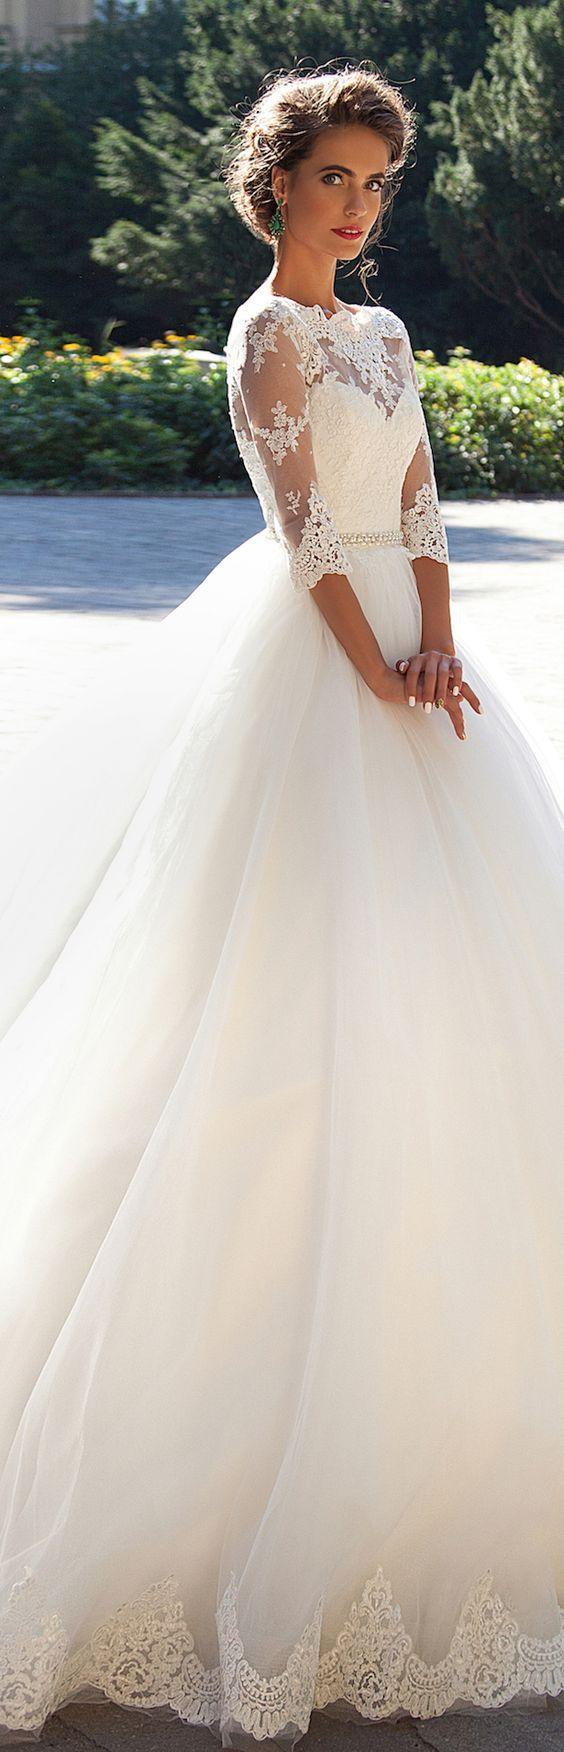 Milla Nova 2016 off shoulder winter wedding dress